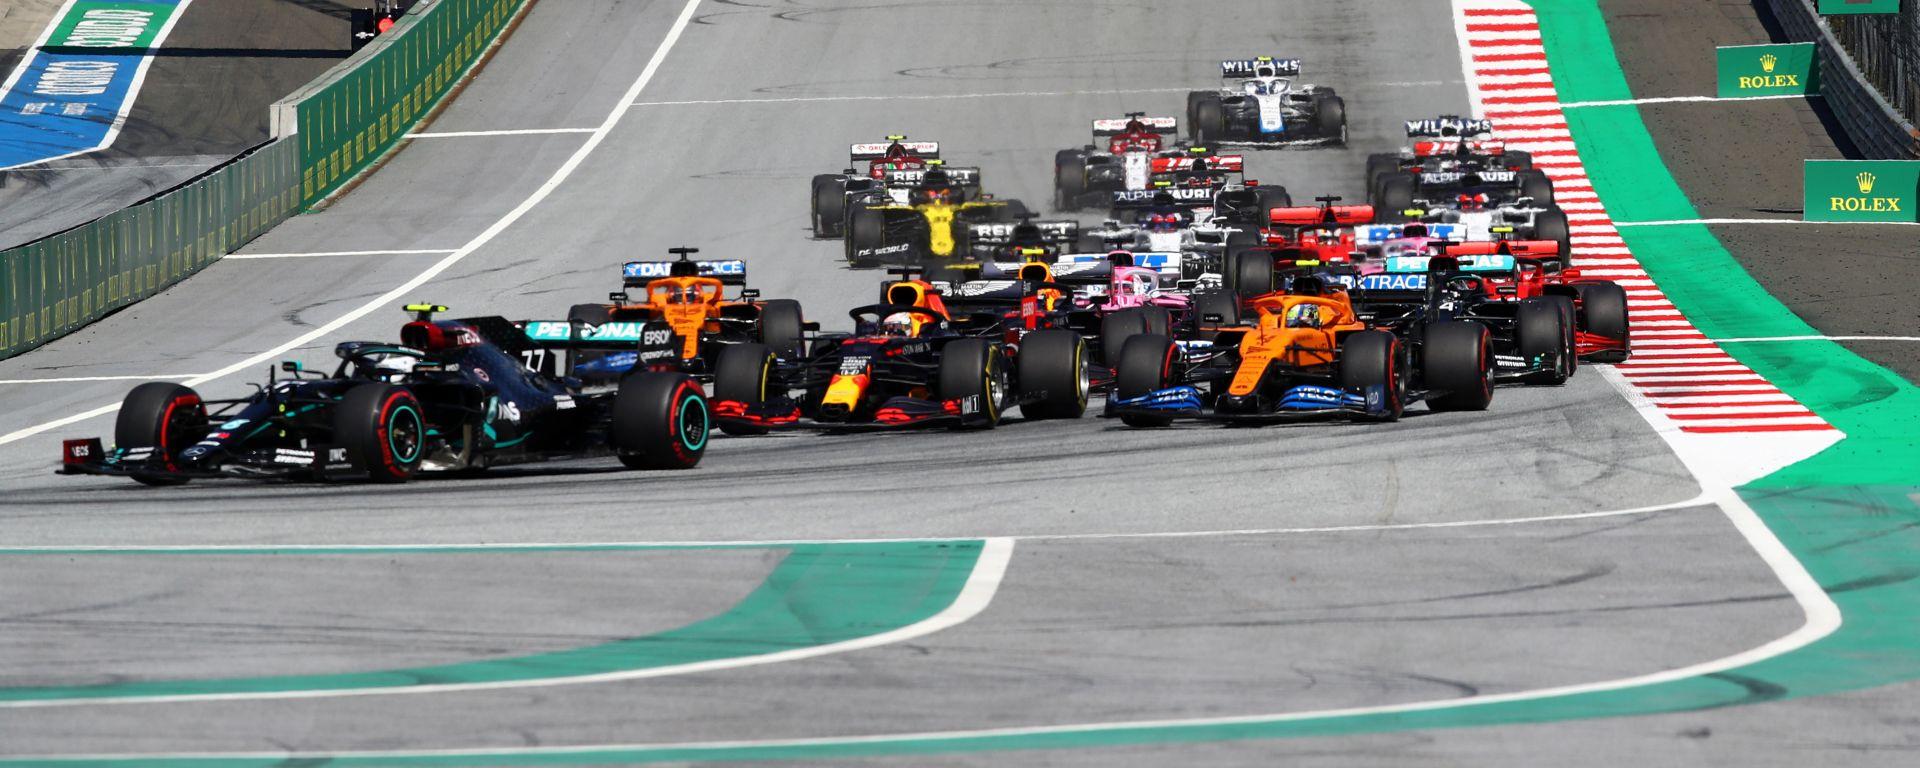 F1, GP Austria 2020: il via della gara